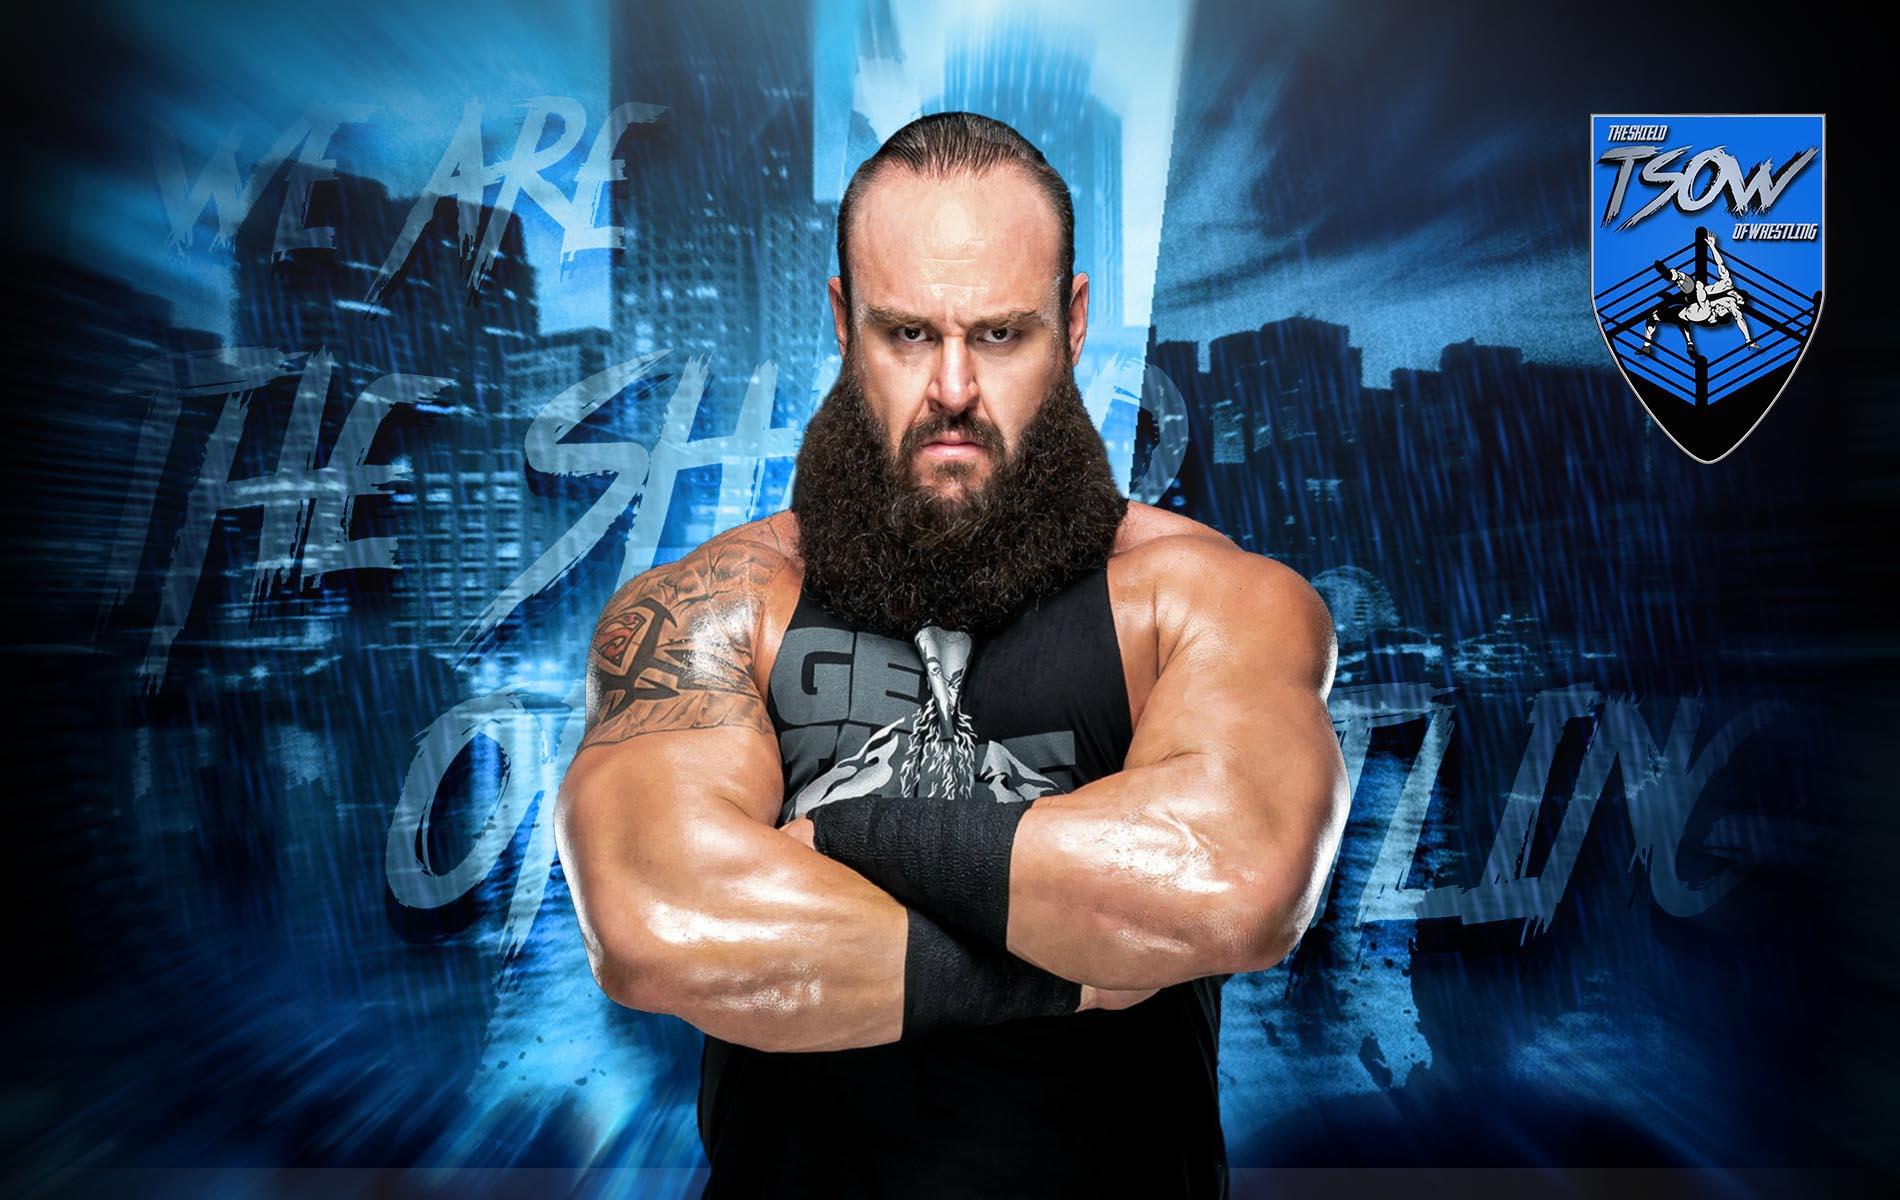 Braun Strowman rivela che sarà ad uno show di bodybuilding